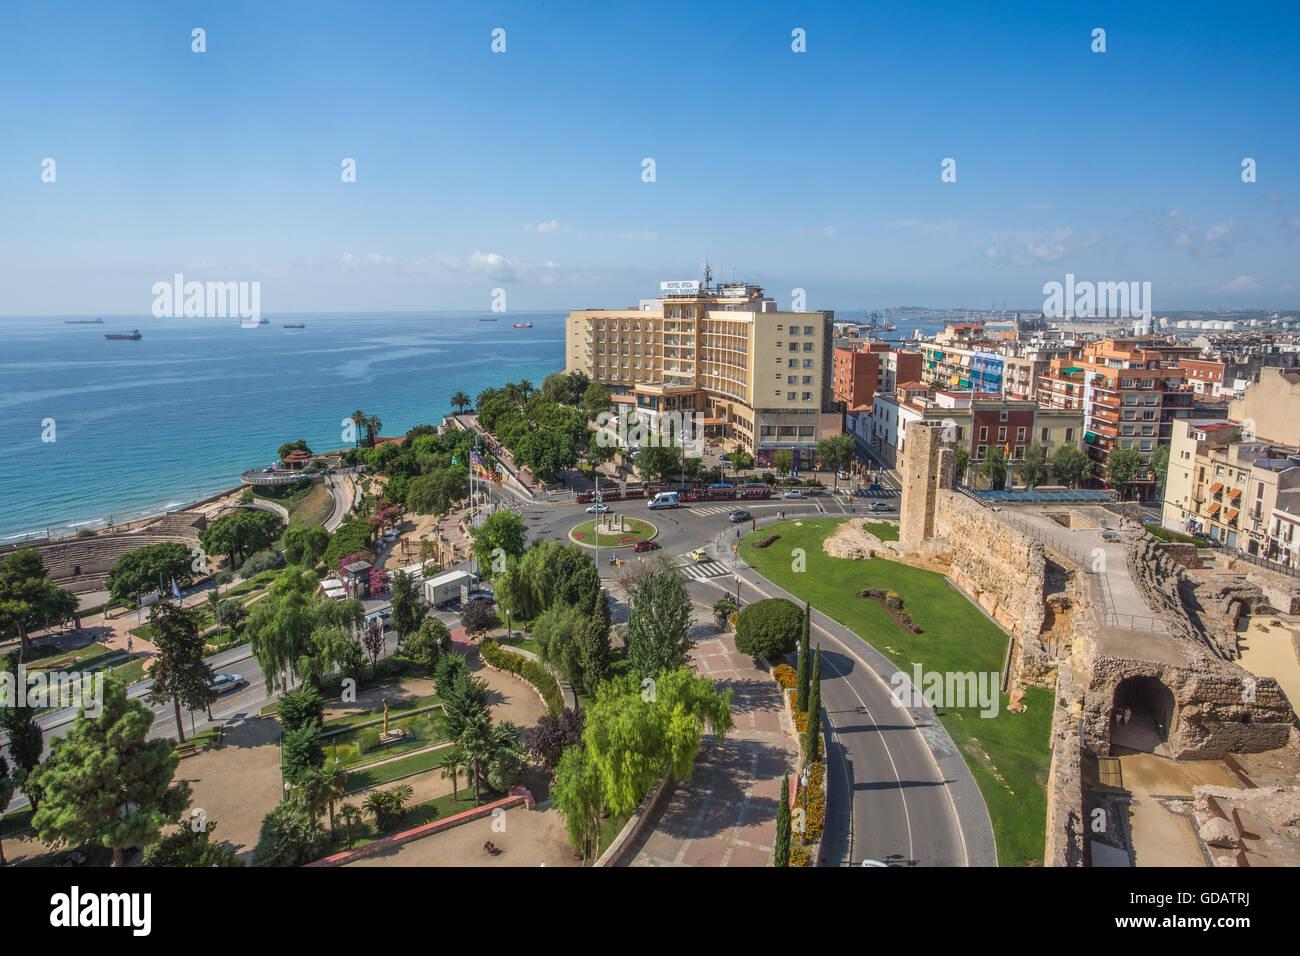 España,Cataluña,Tarragona ciudad,mar Mediterráneo. Imagen De Stock